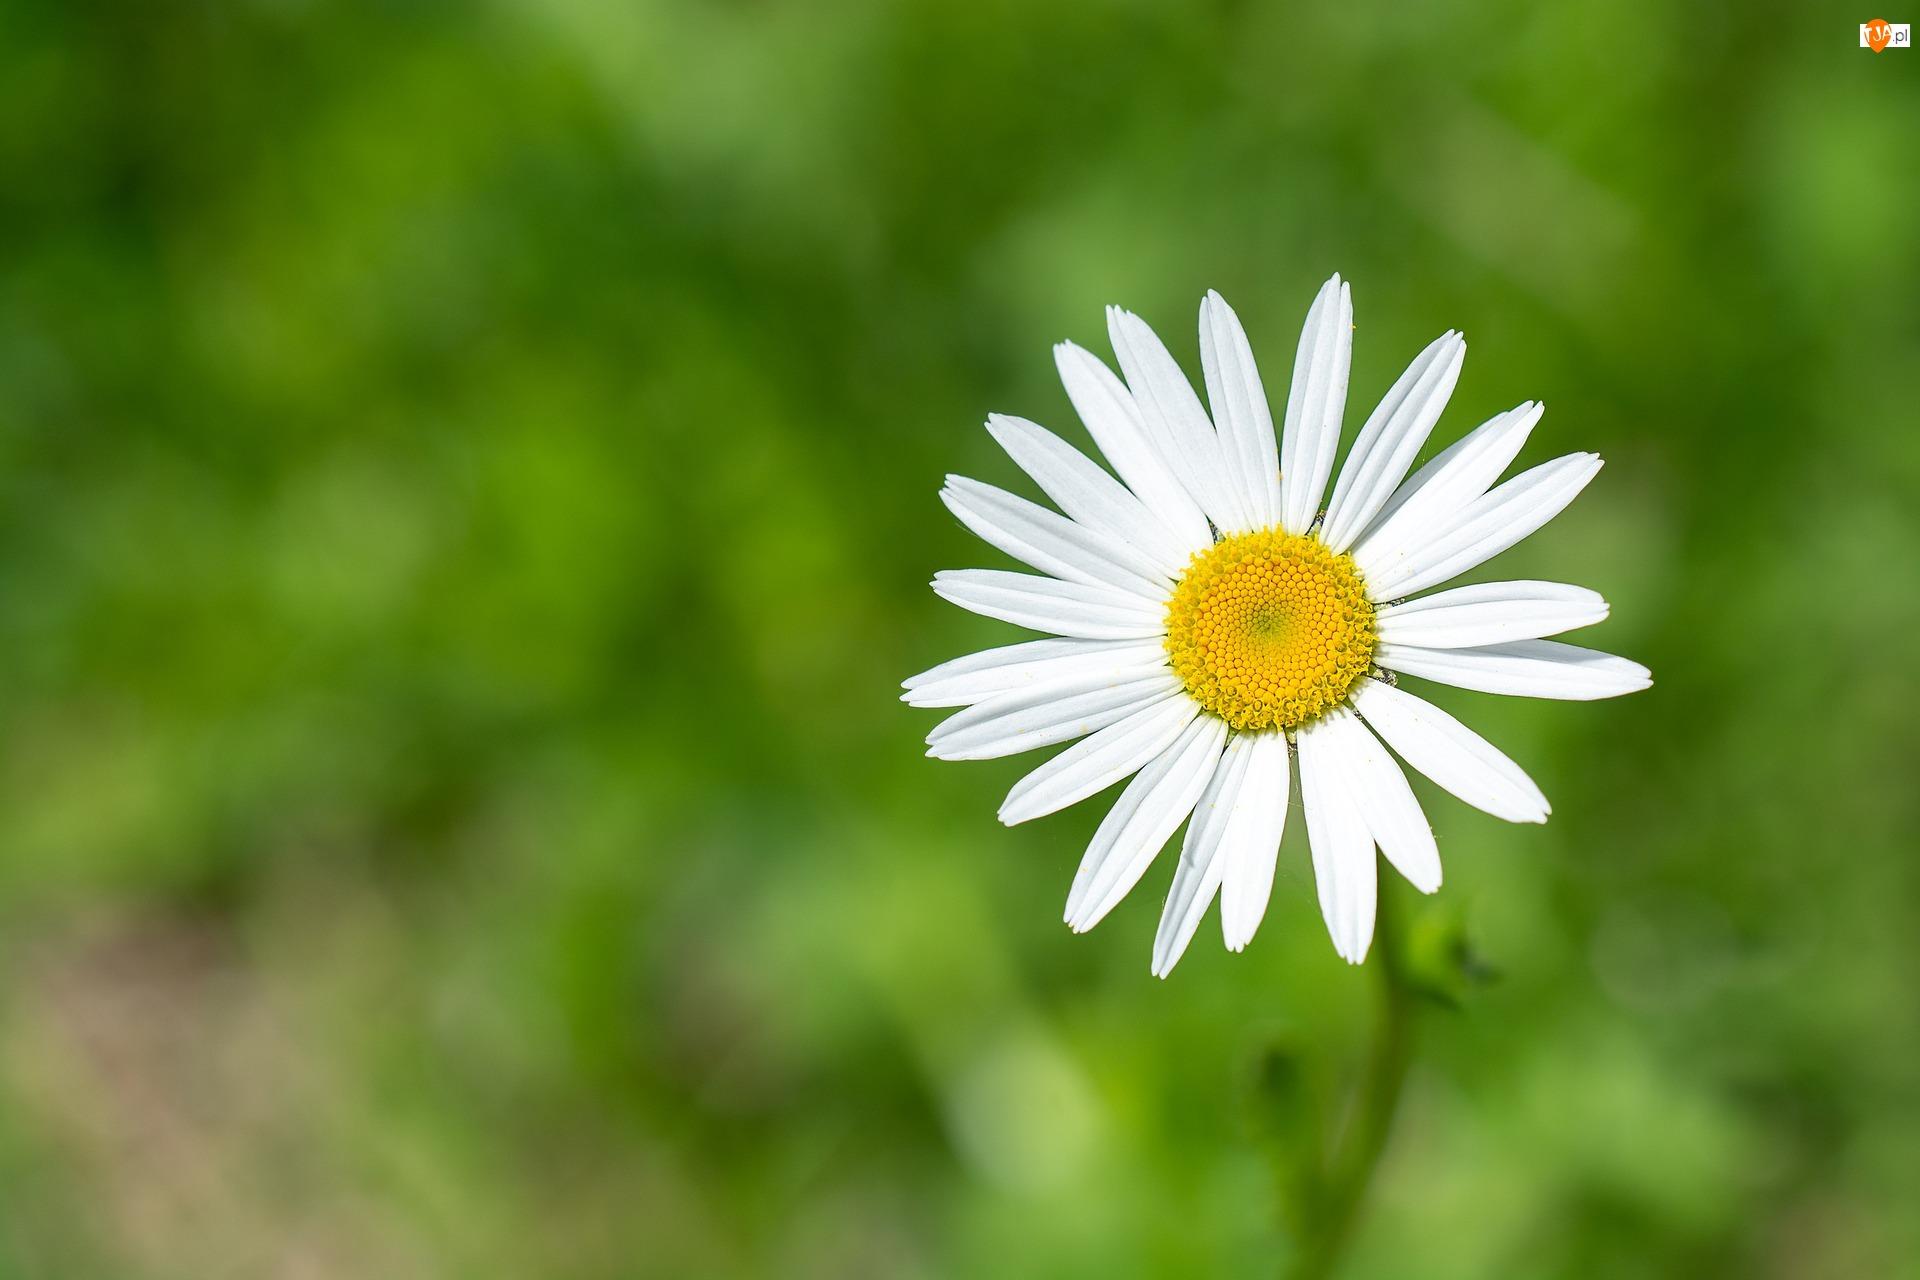 Białe, Kwiat, Zielone, Margerytka, Płatki, Tło